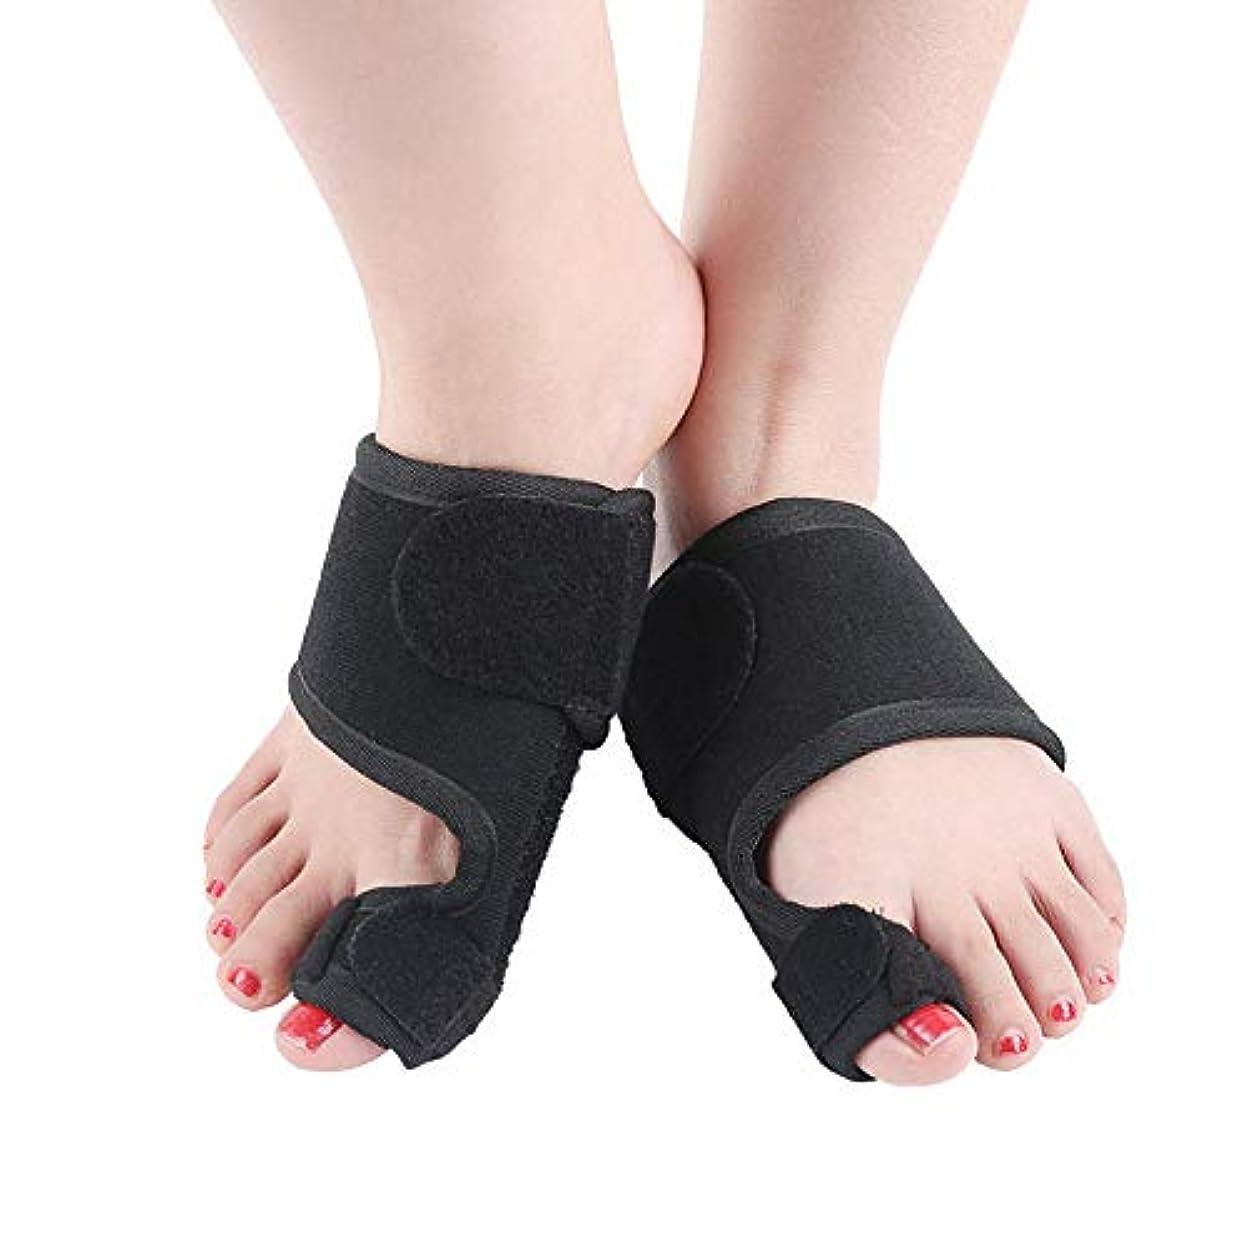 フェローシップ上院継承男女兼用の外反母趾矯正 - 足の痛みの軽減、親指嚢胞の矯正(2pcs)